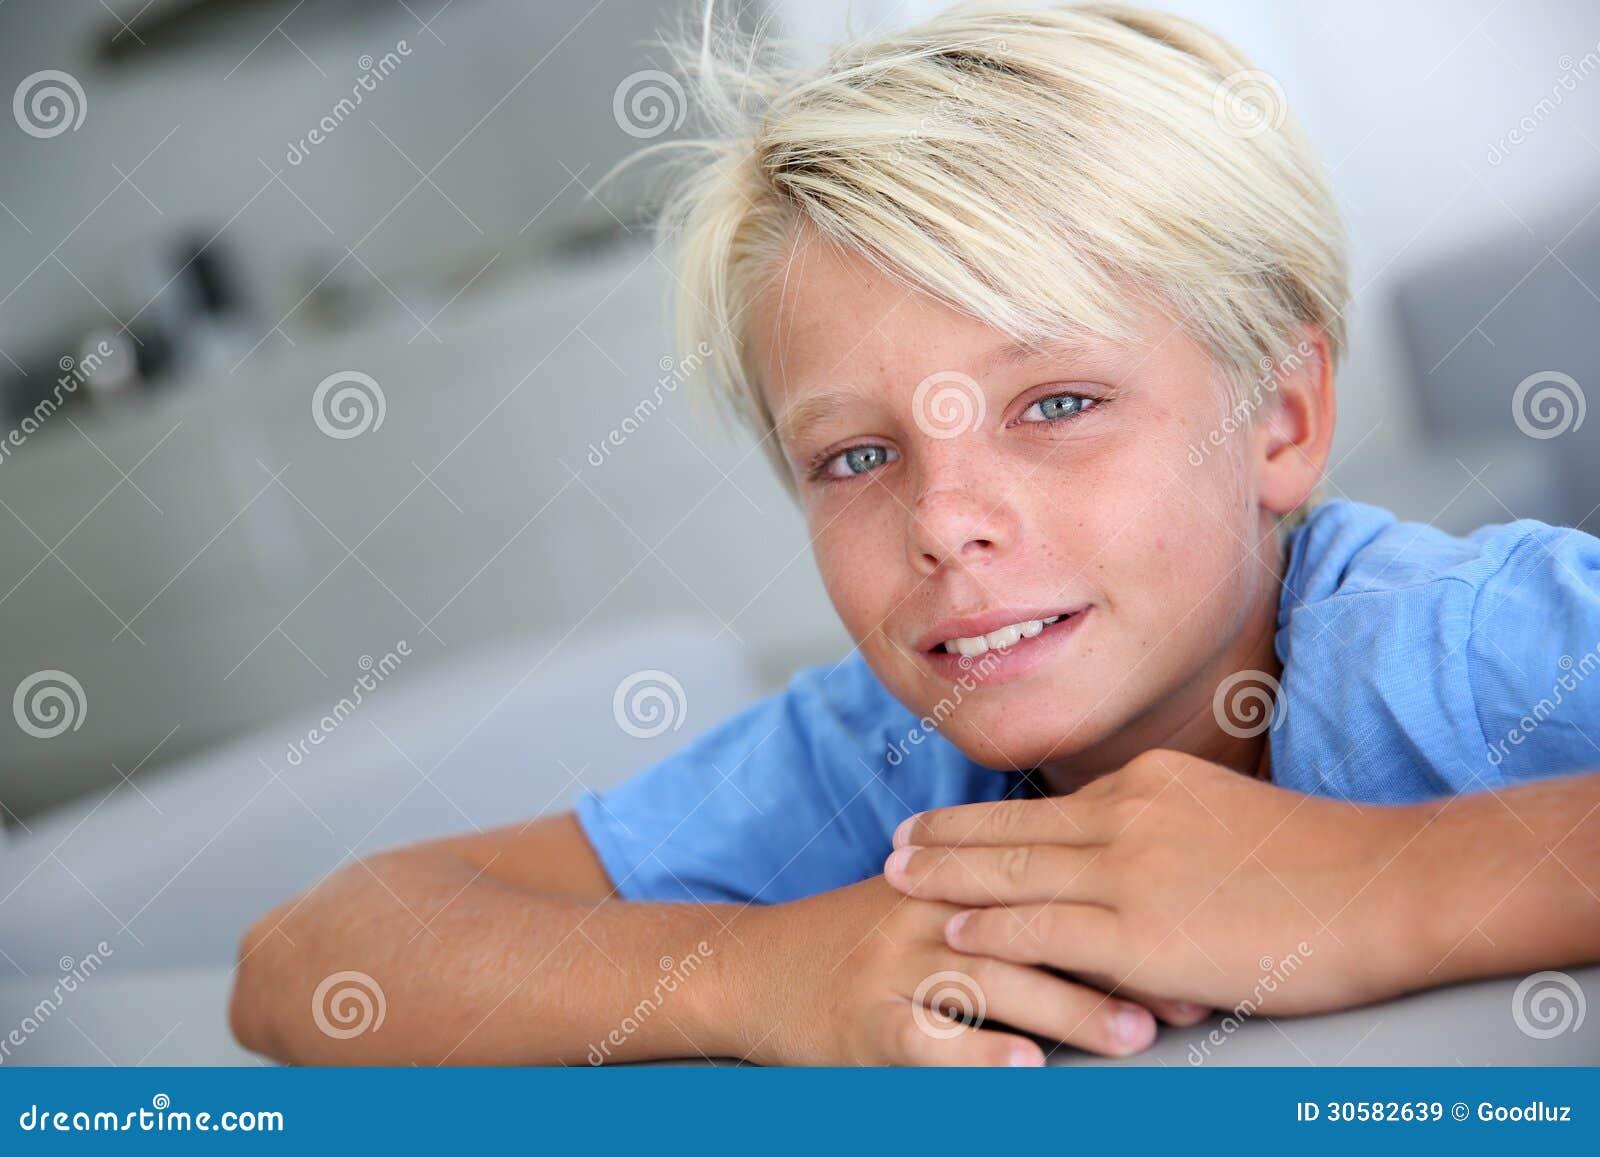 portrait de gar on blond avec des yeux bleus image stock image du regarder appareil 30582639. Black Bedroom Furniture Sets. Home Design Ideas